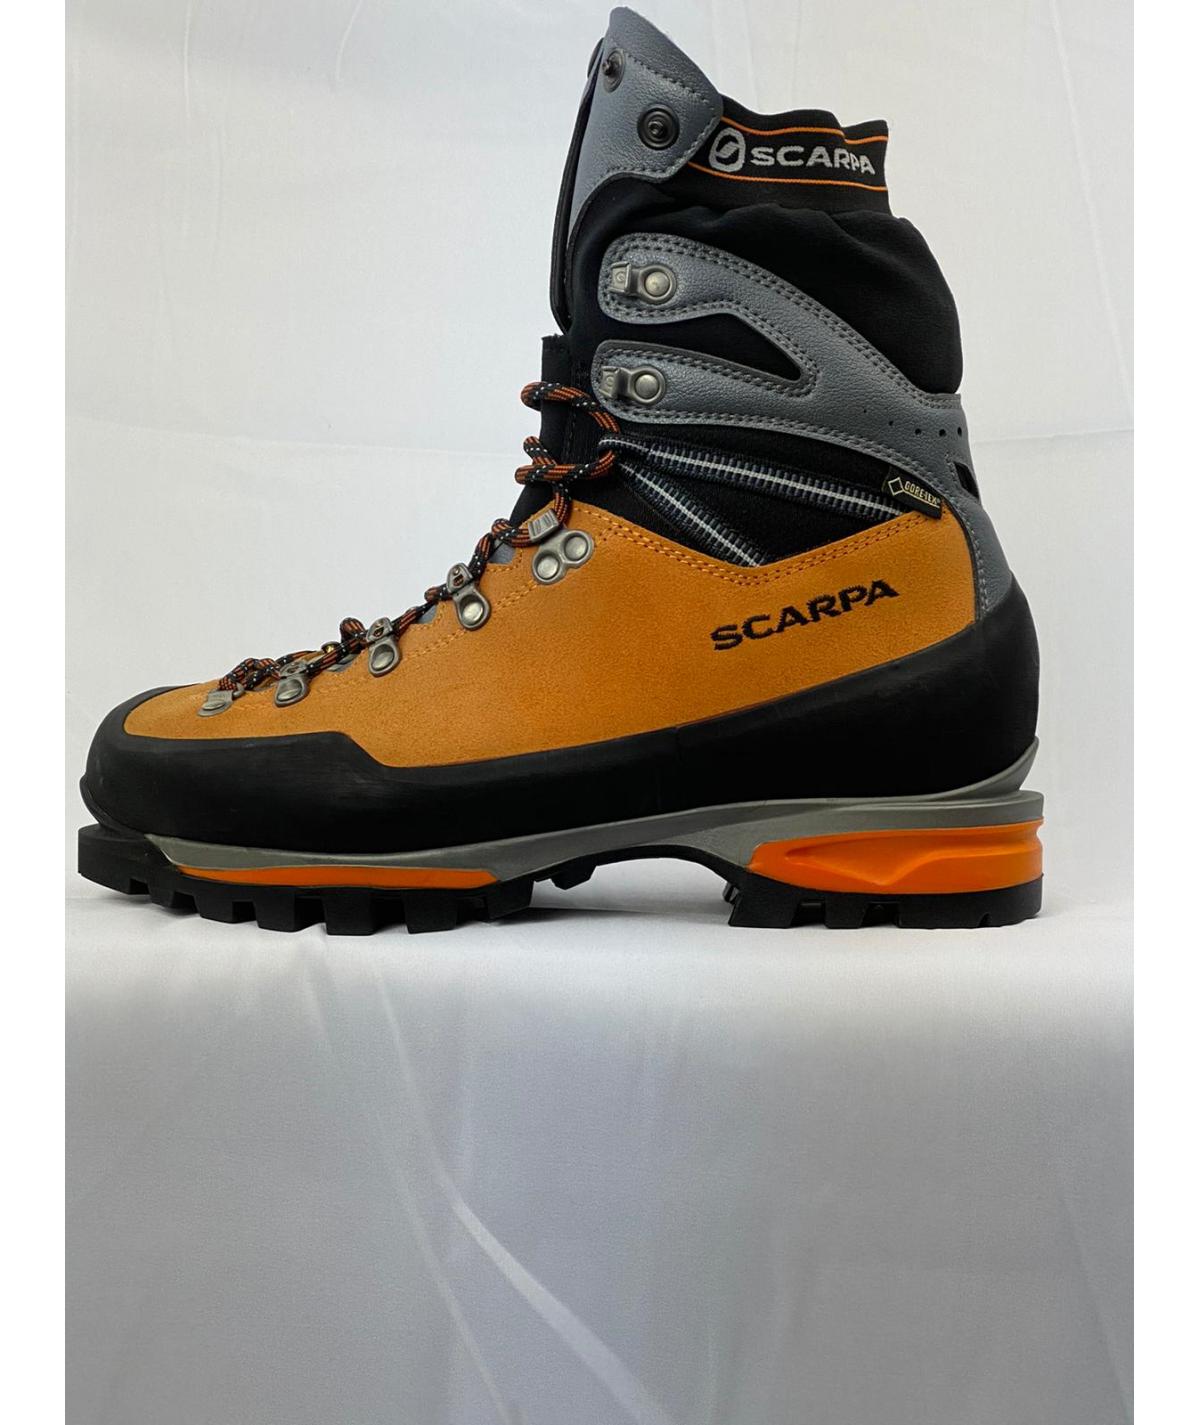 SCARPA - Mont Blanc Pro